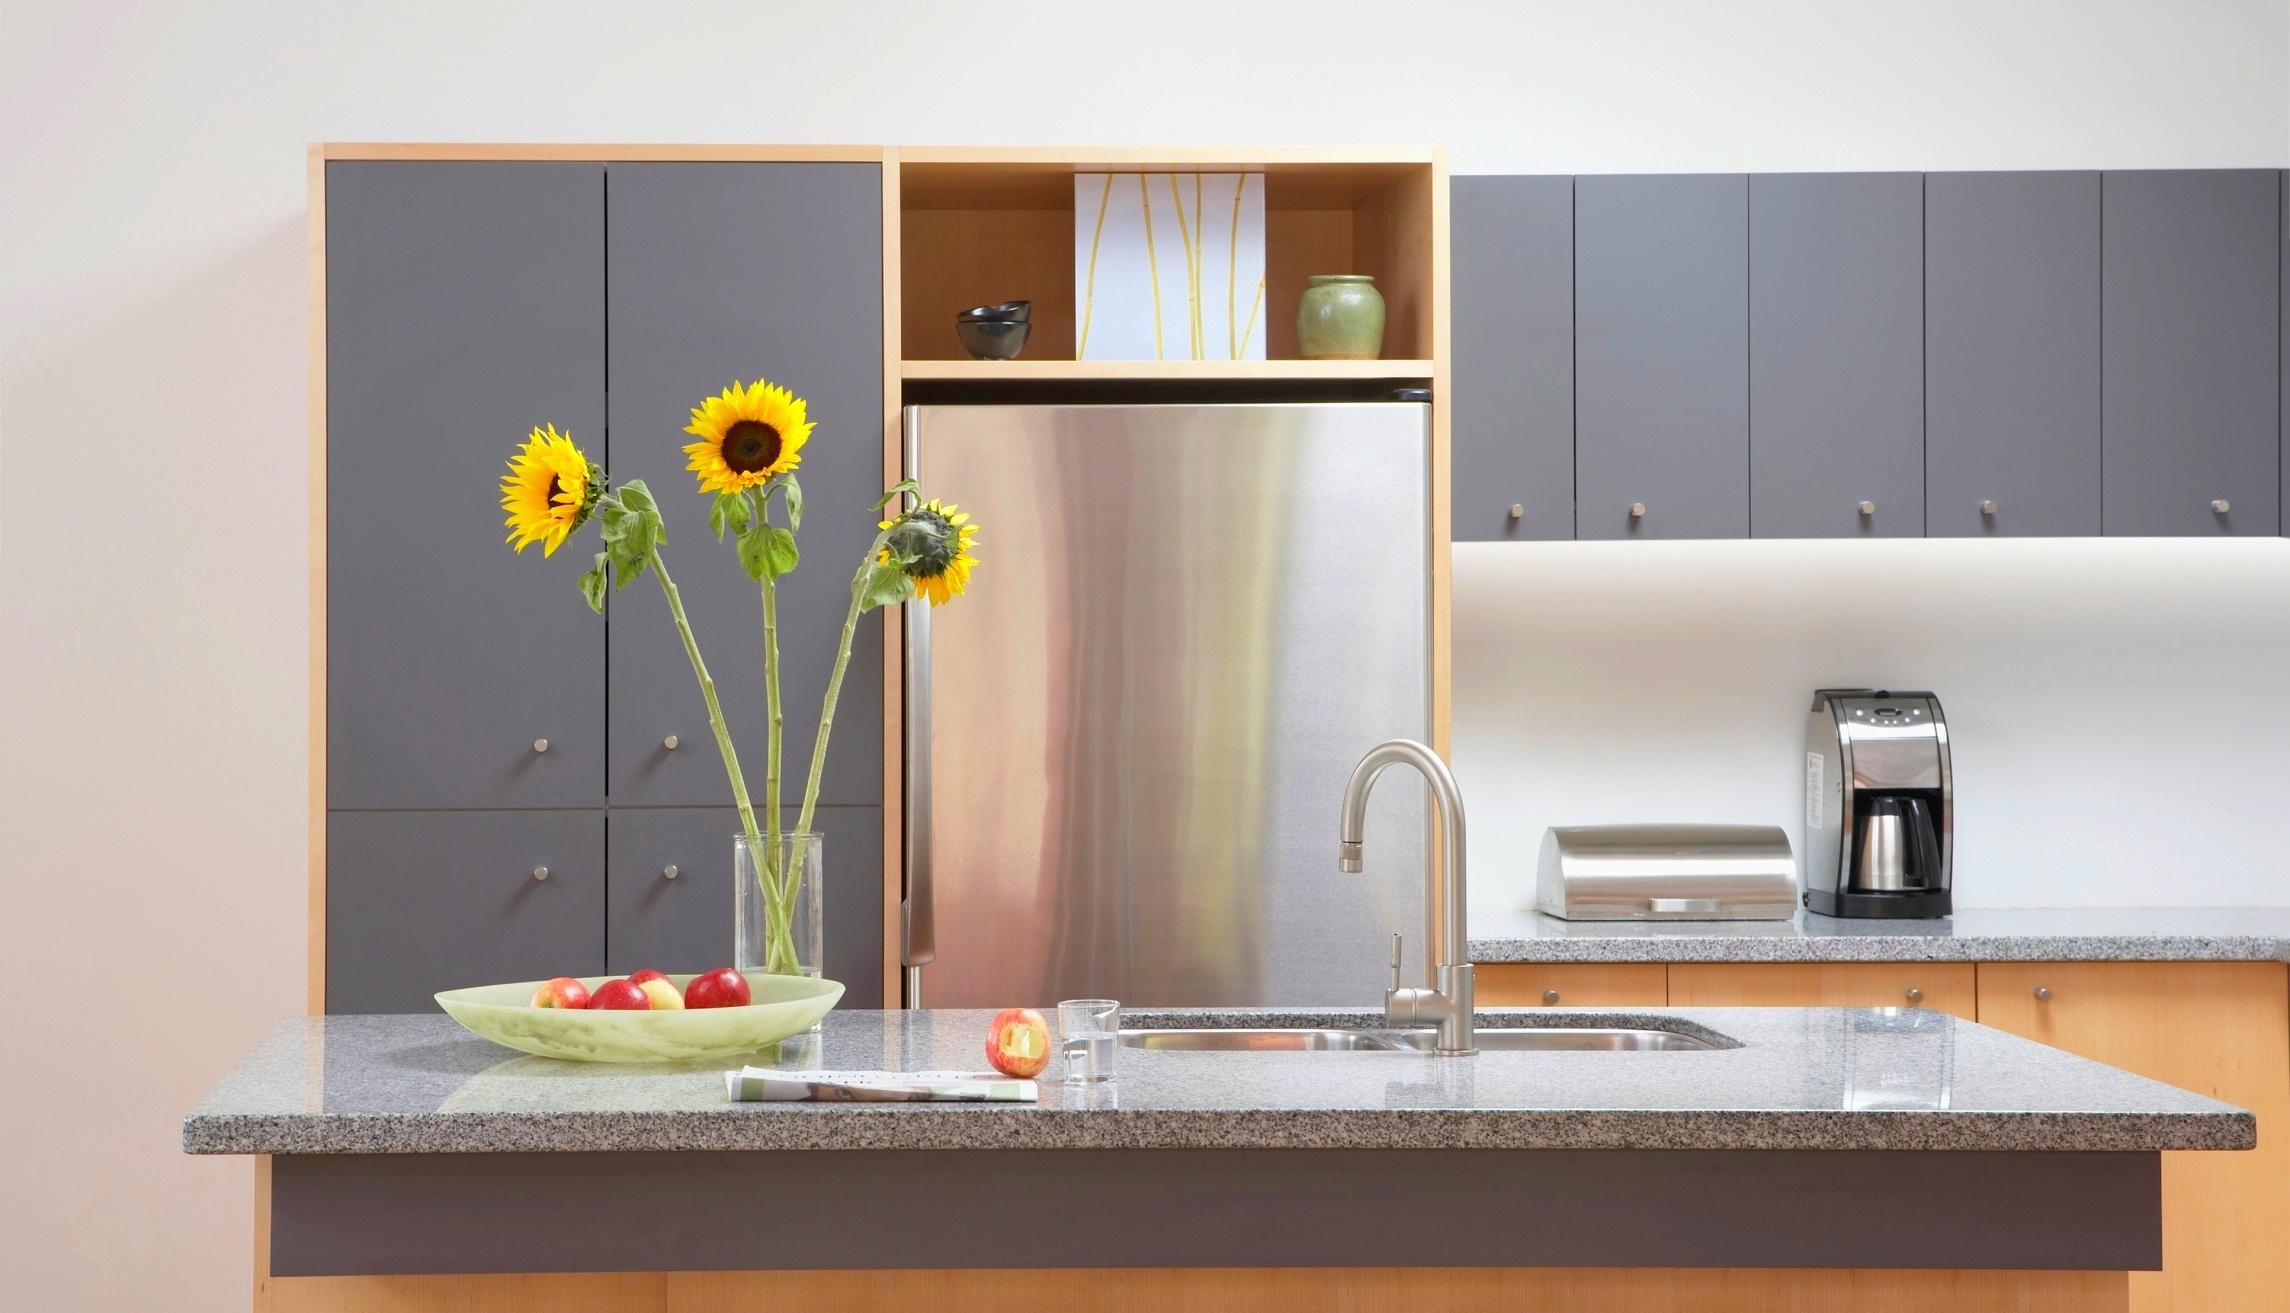 under cabinet lighting diy. Under Kitchen Lighting. DIY Guide To Under-Cabinet Lighting E Cabinet Diy .